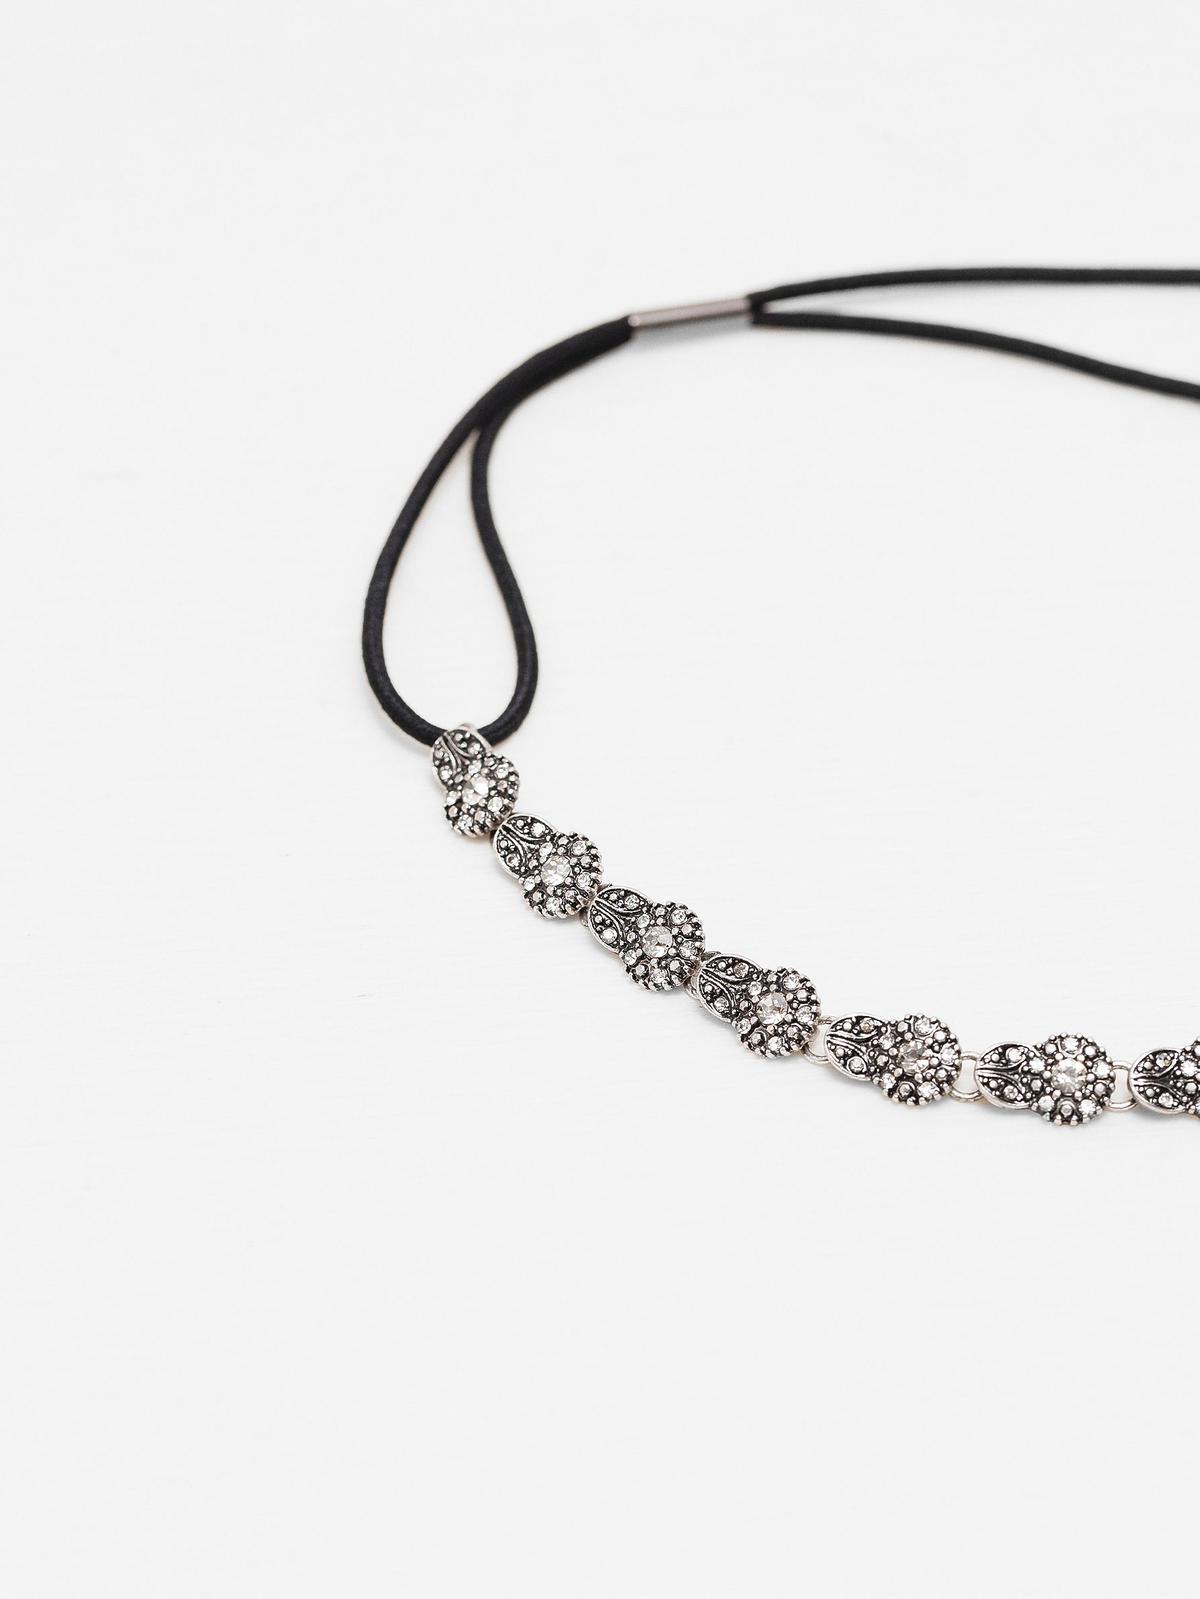 Opaska z kryształkami Zara, 49,90 zł